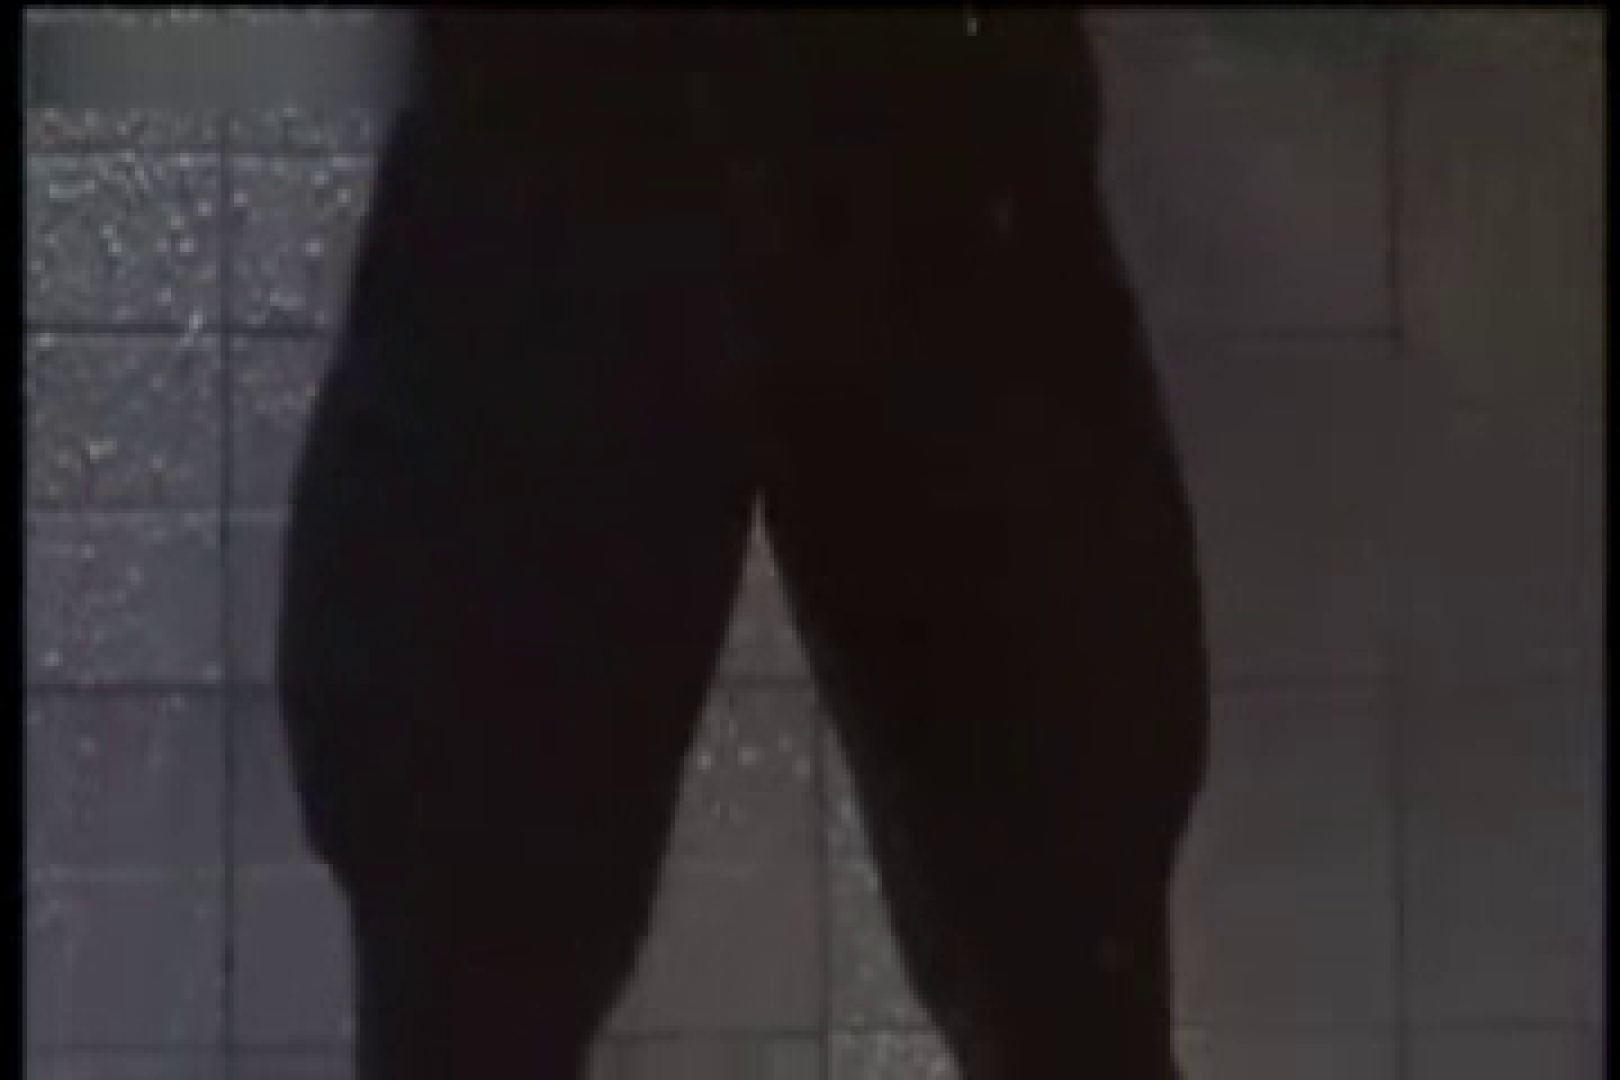 中出有名ゲイ雑誌★魅力●生★付録DVD収録スーパーモデルヌードvol9 ヌード ゲイエロ動画 112枚 27